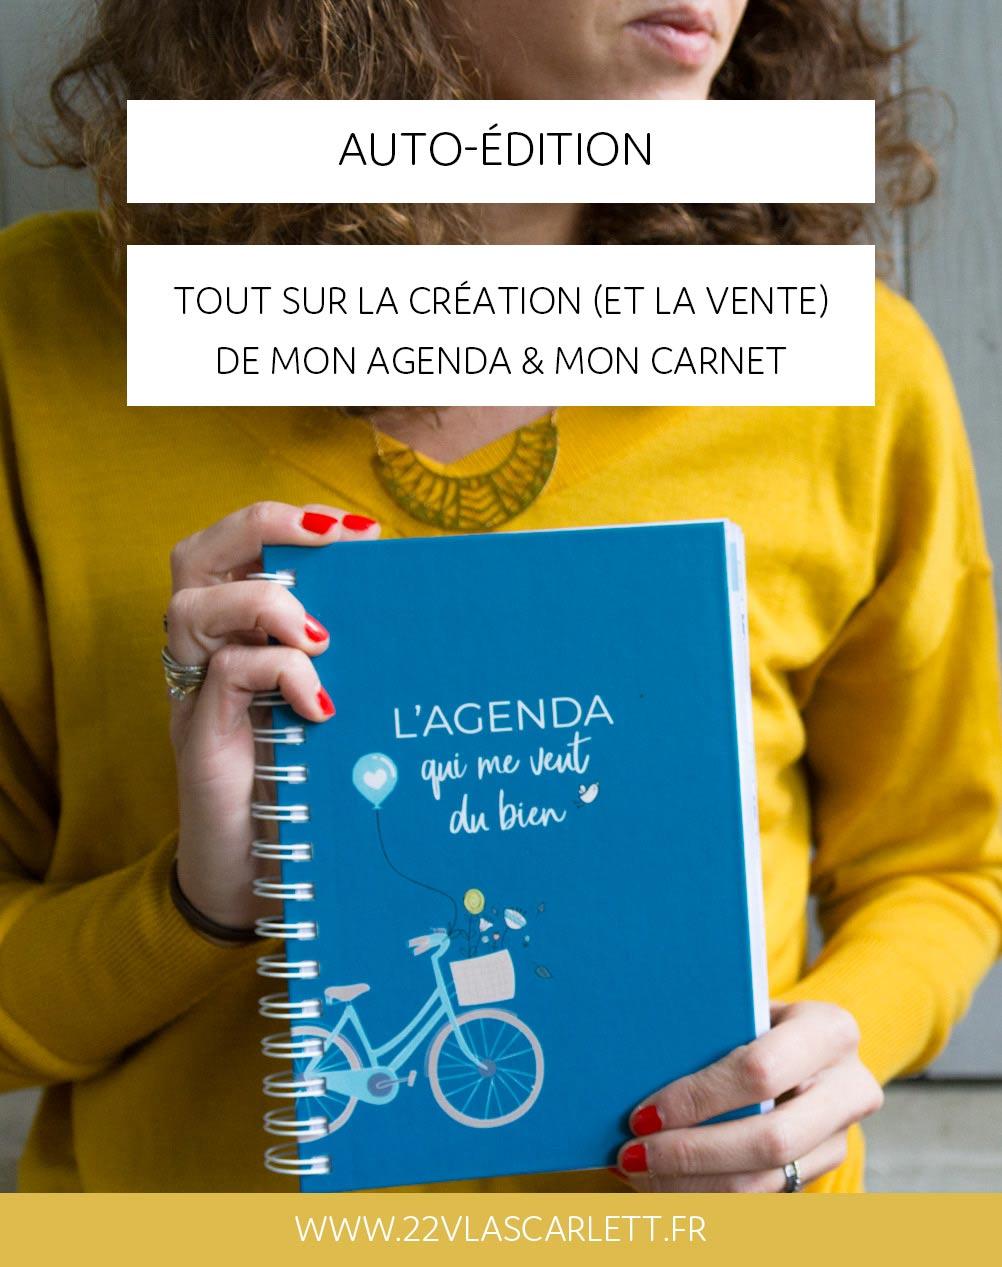 Auto-édition : toutes les étapes pour créer et auto-éditer un agenda ou un carnet - 22 v'la Scarlett